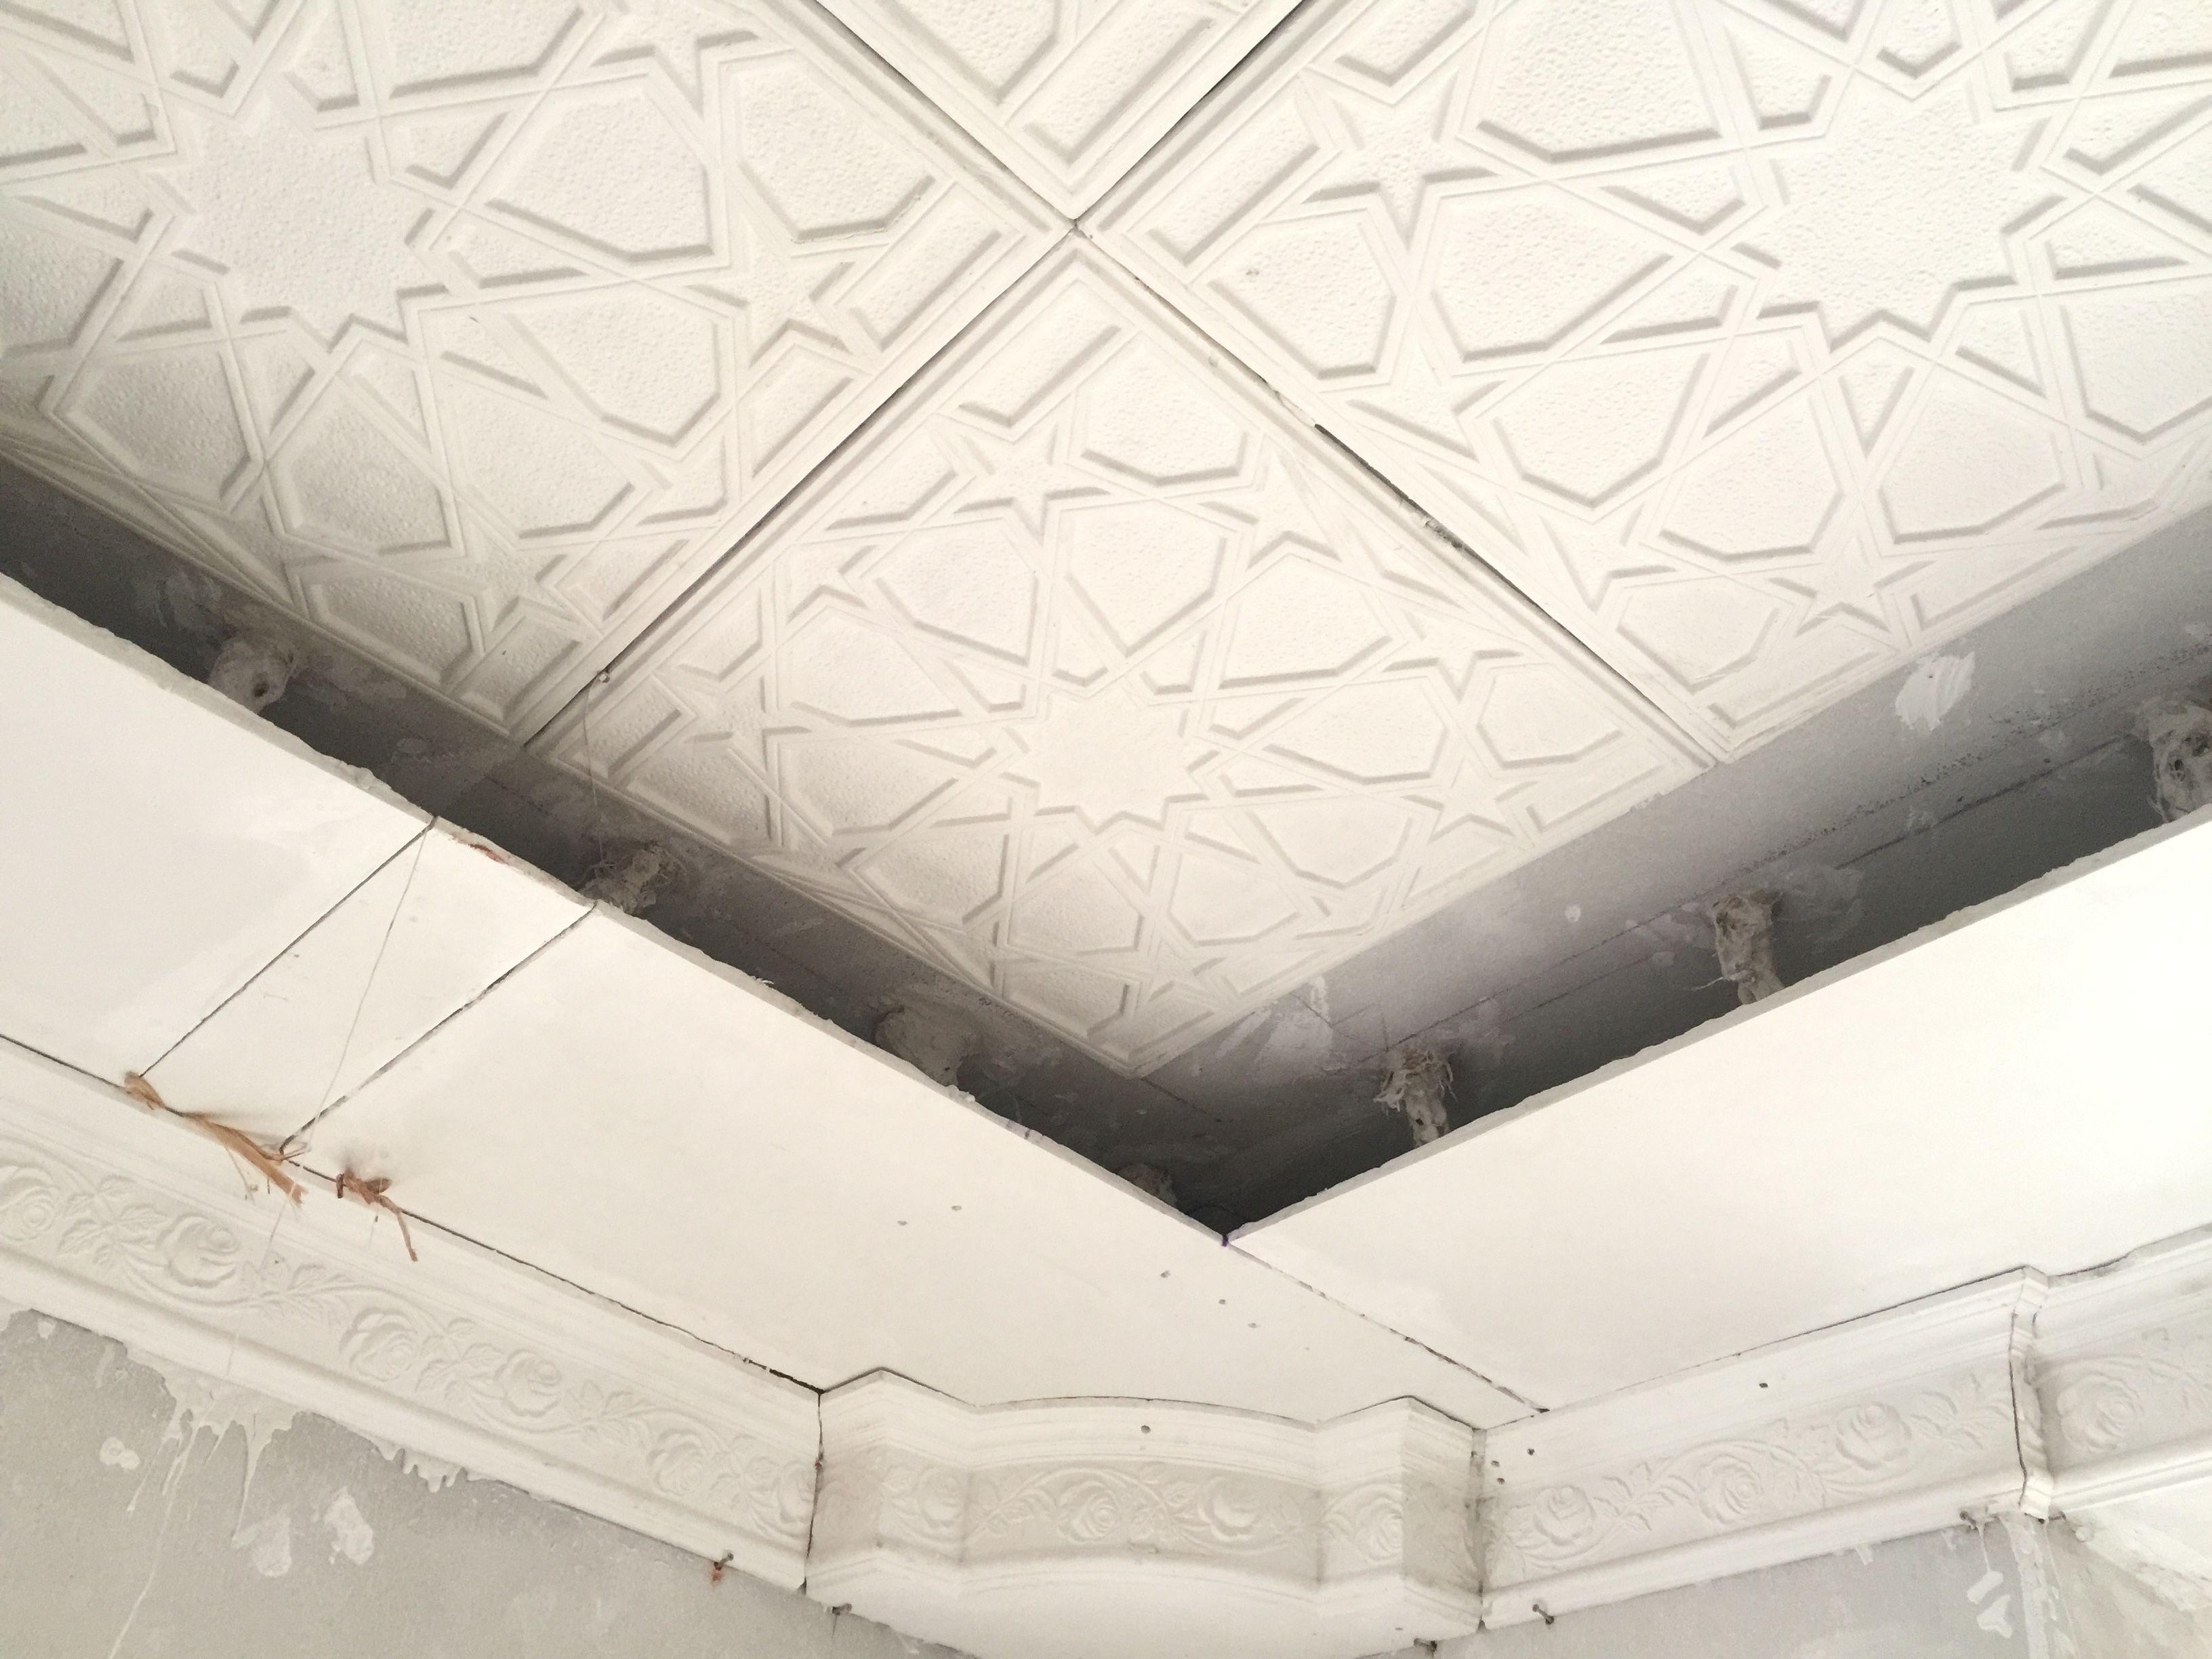 False ceiling design gypsum ceiling and false ceiling for False ceiling lighting ideas